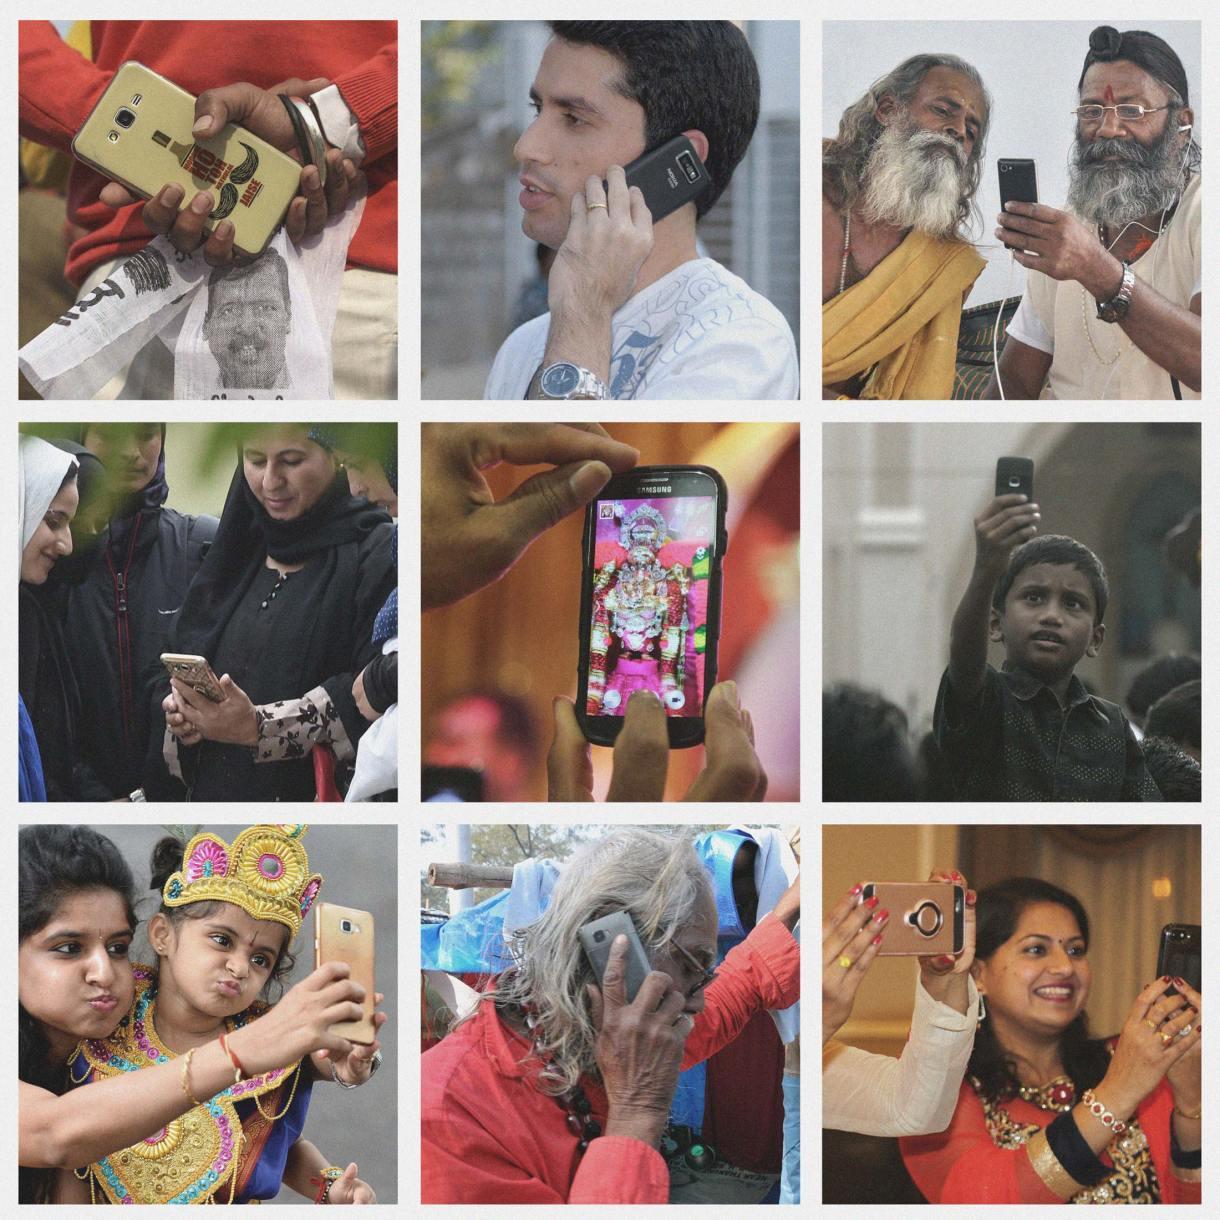 آبل تضع خطة جديدة لرفع مبيعاتها للحفاظ على مركزها في سوق الهواتف الهندي